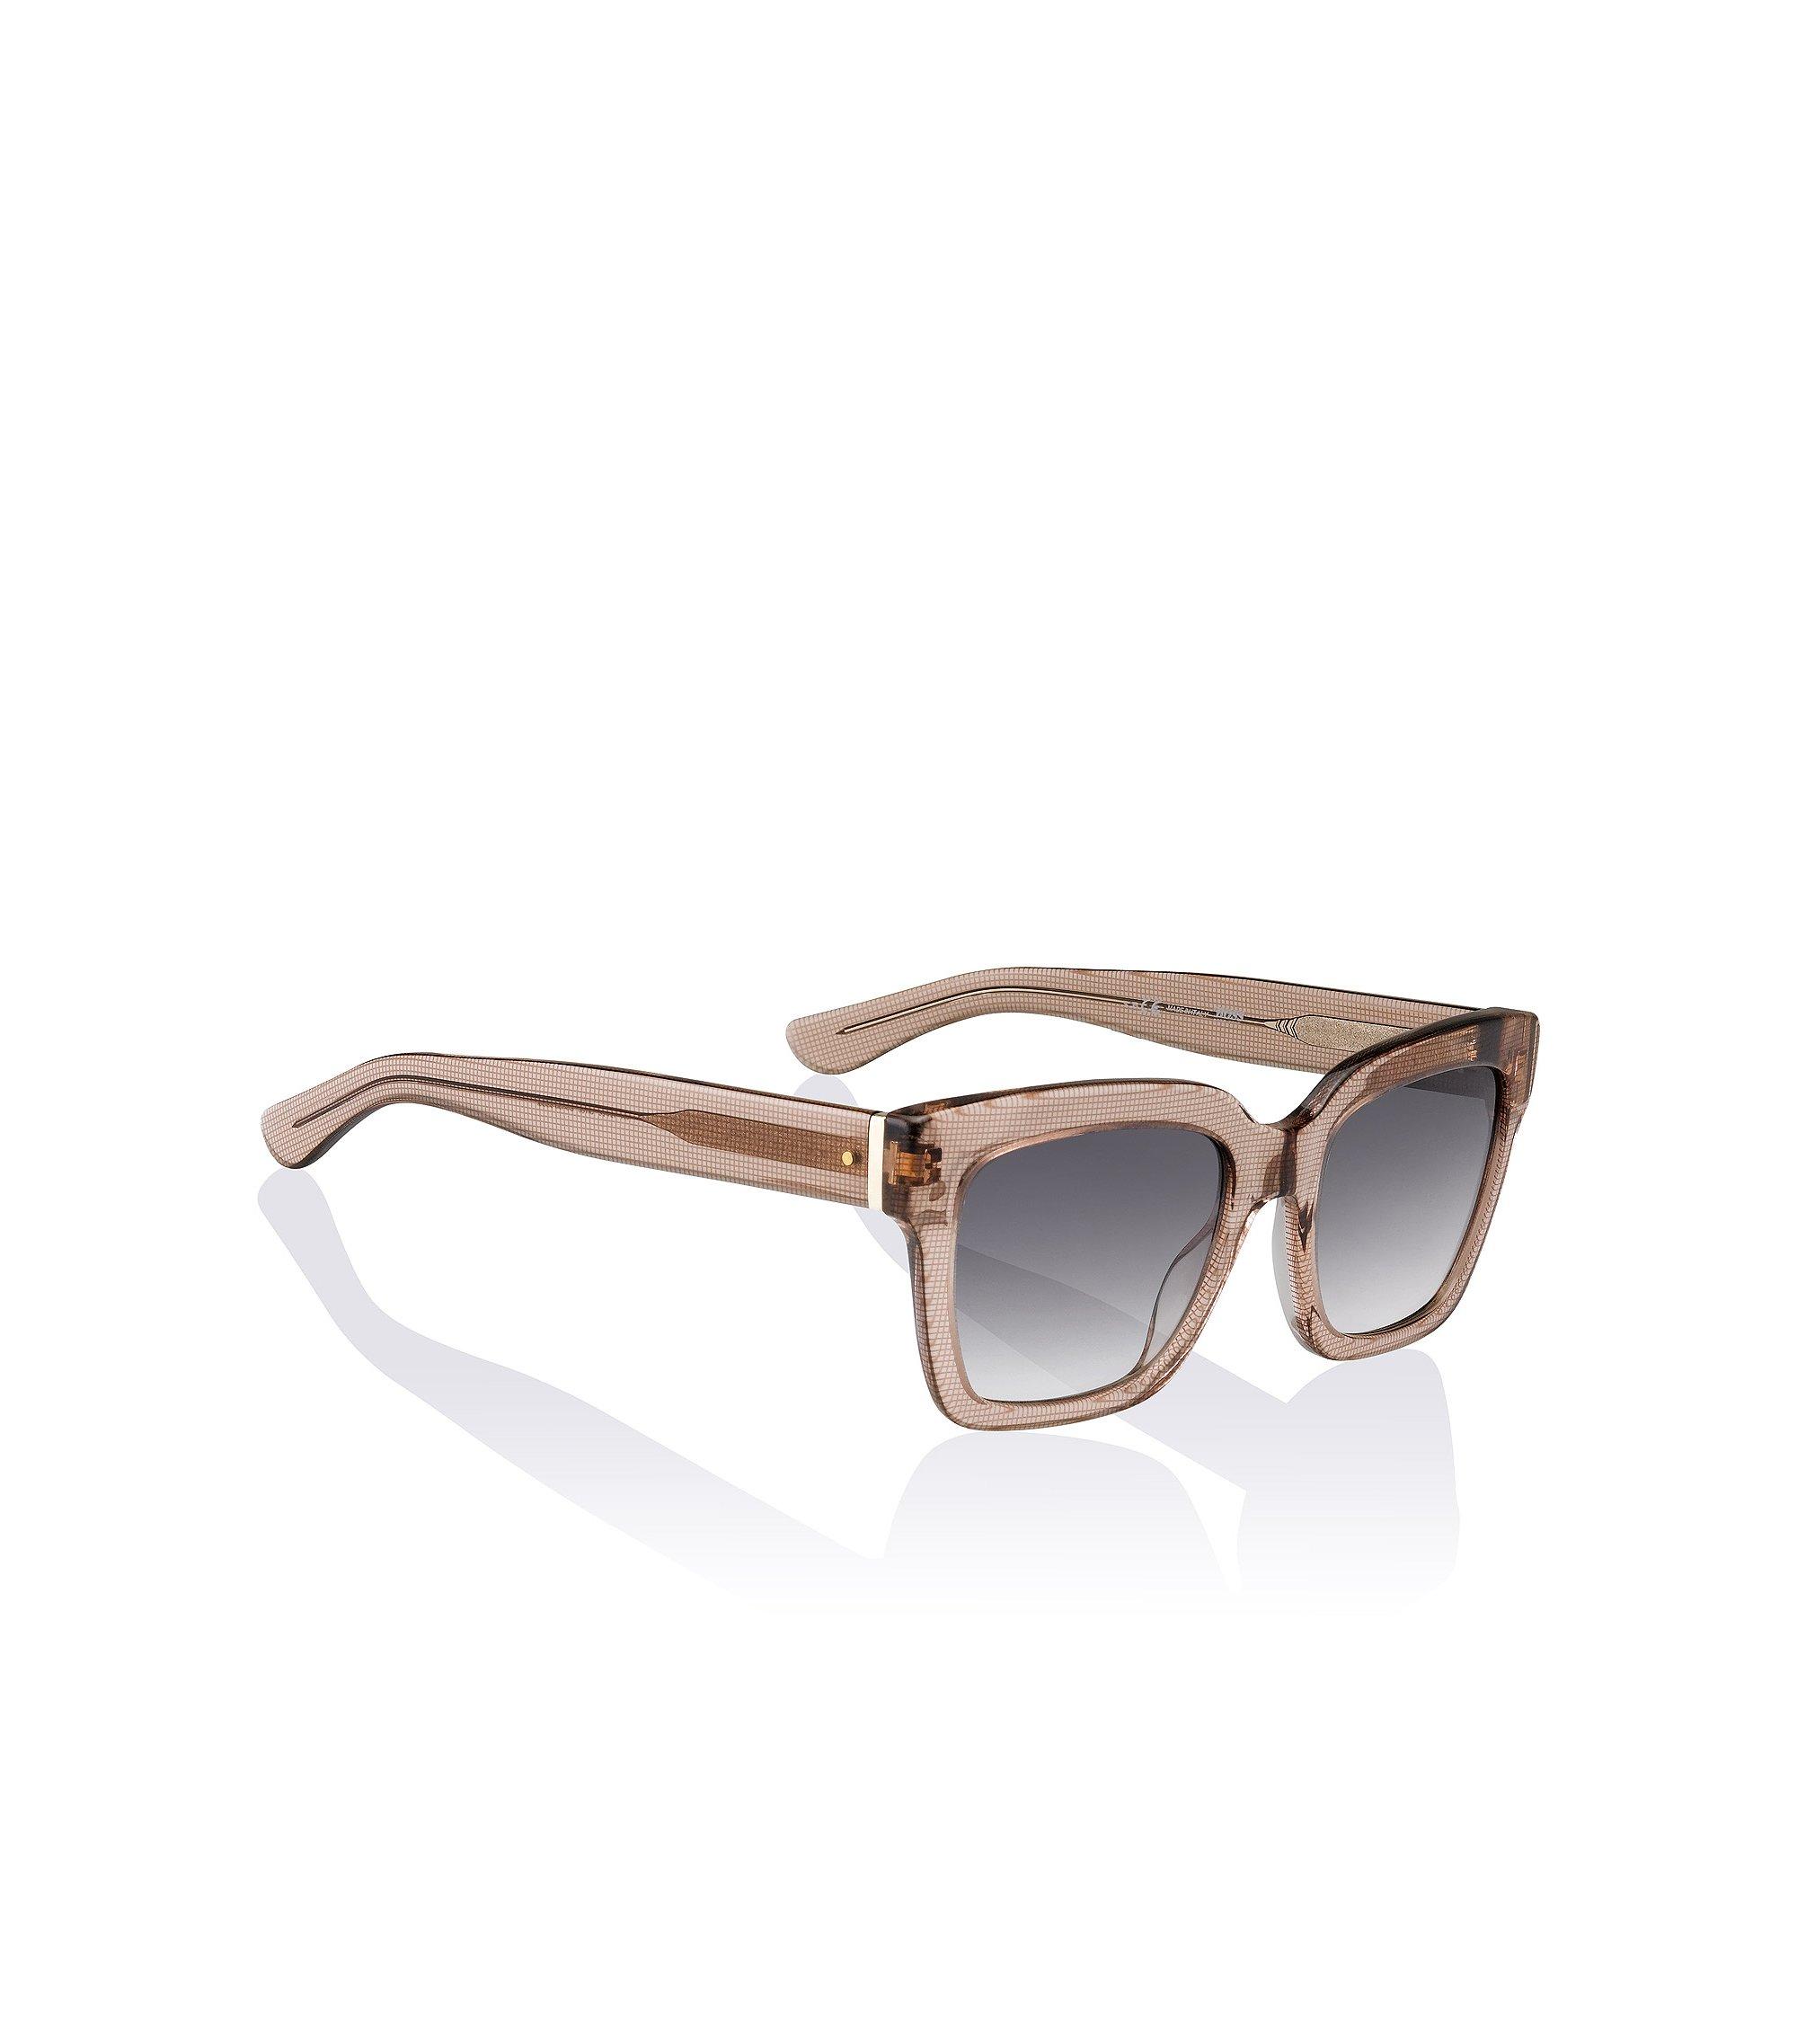 Wayfarer sunglasses 'BOSS 0674' in acetate and metal, Assorted-Pre-Pack